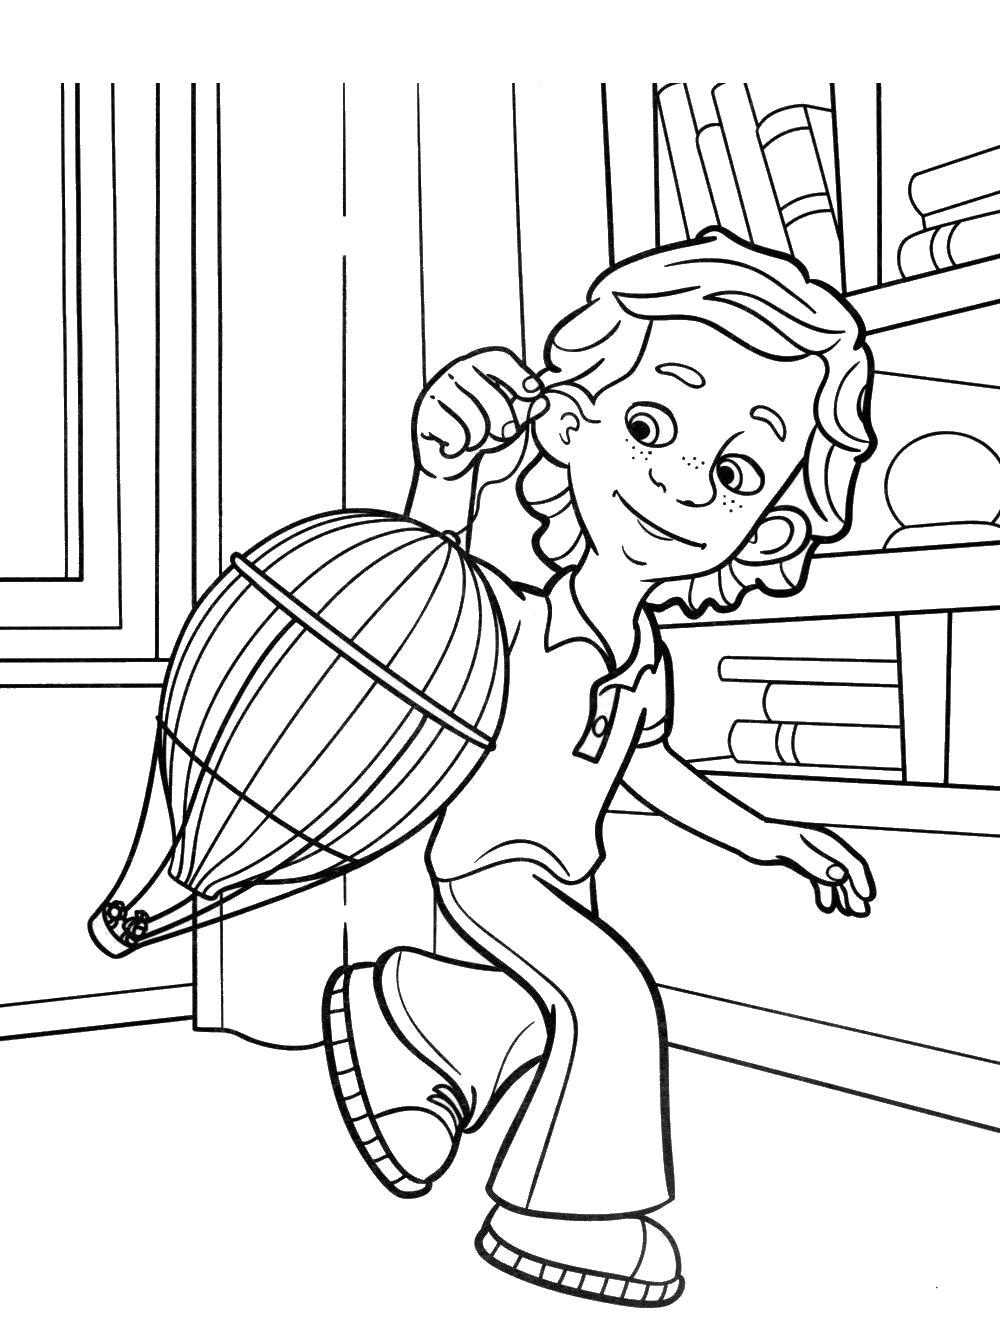 Название: Раскраска  Симка и Нолик на воздушном шаре. Категория: . Теги: .